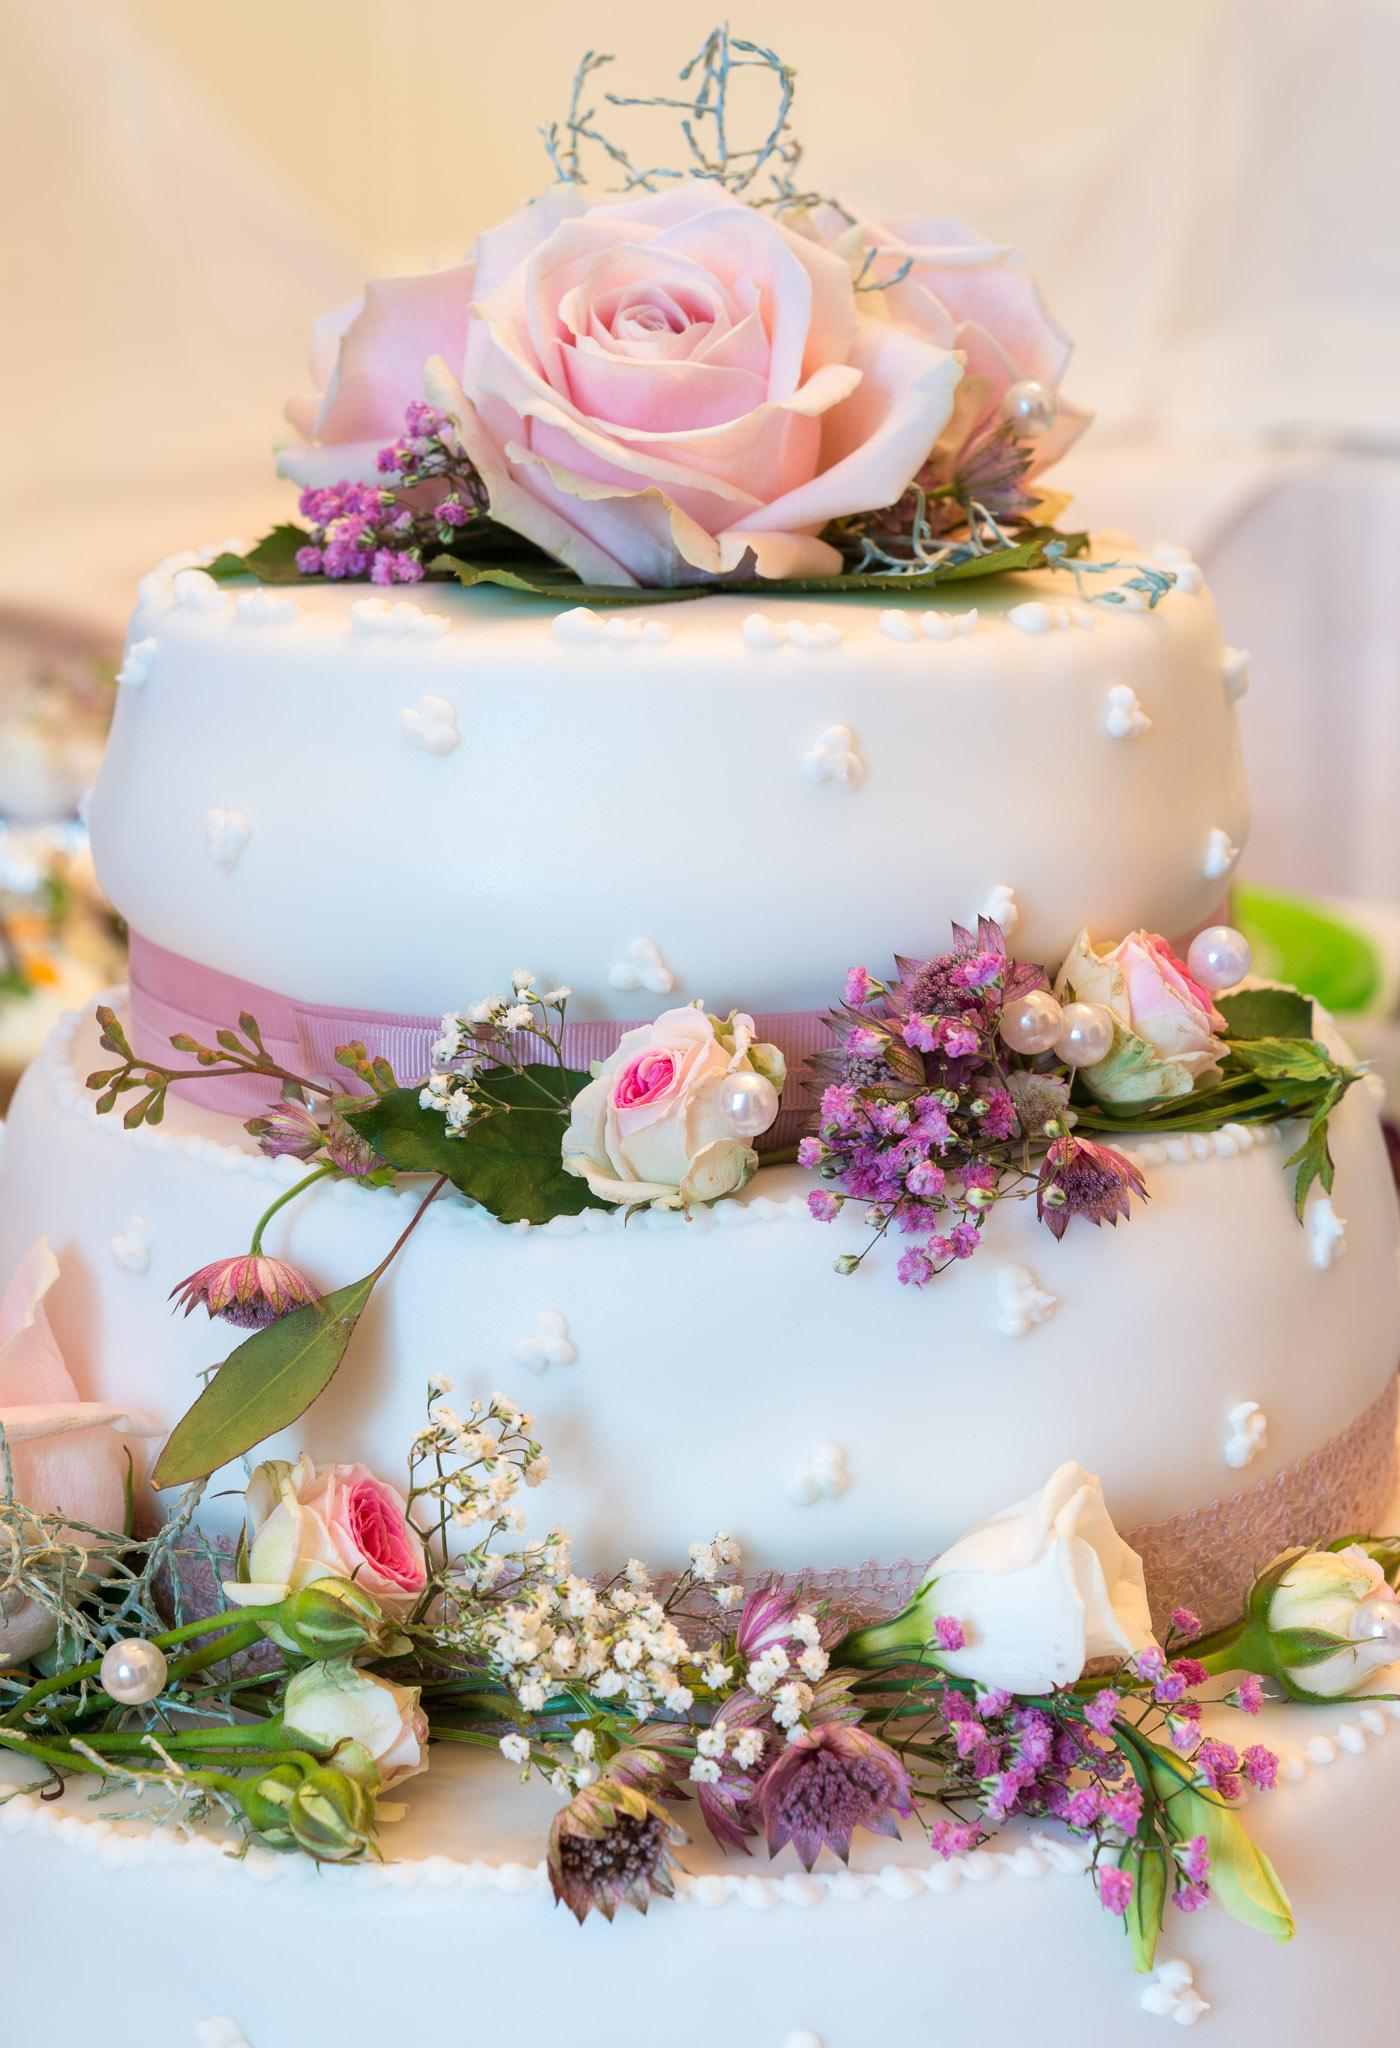 Hochzeitstorte mit Blütendekoration